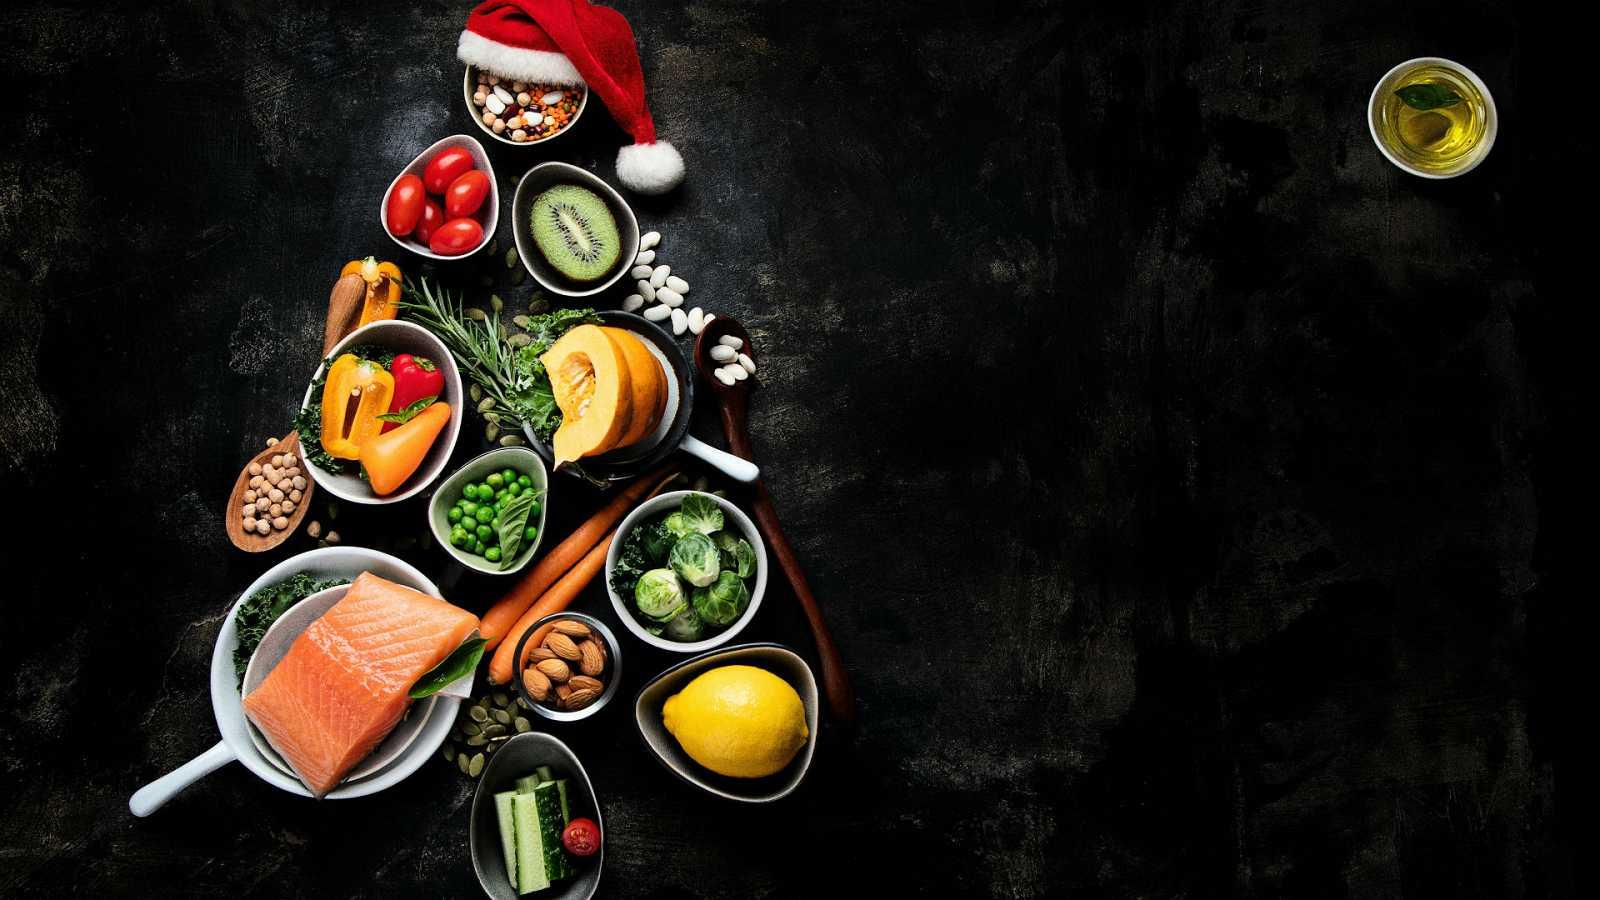 Un laboratorio en mi cocina - Especial recetas de navidad - 22/12/20 - Escuchar ahora